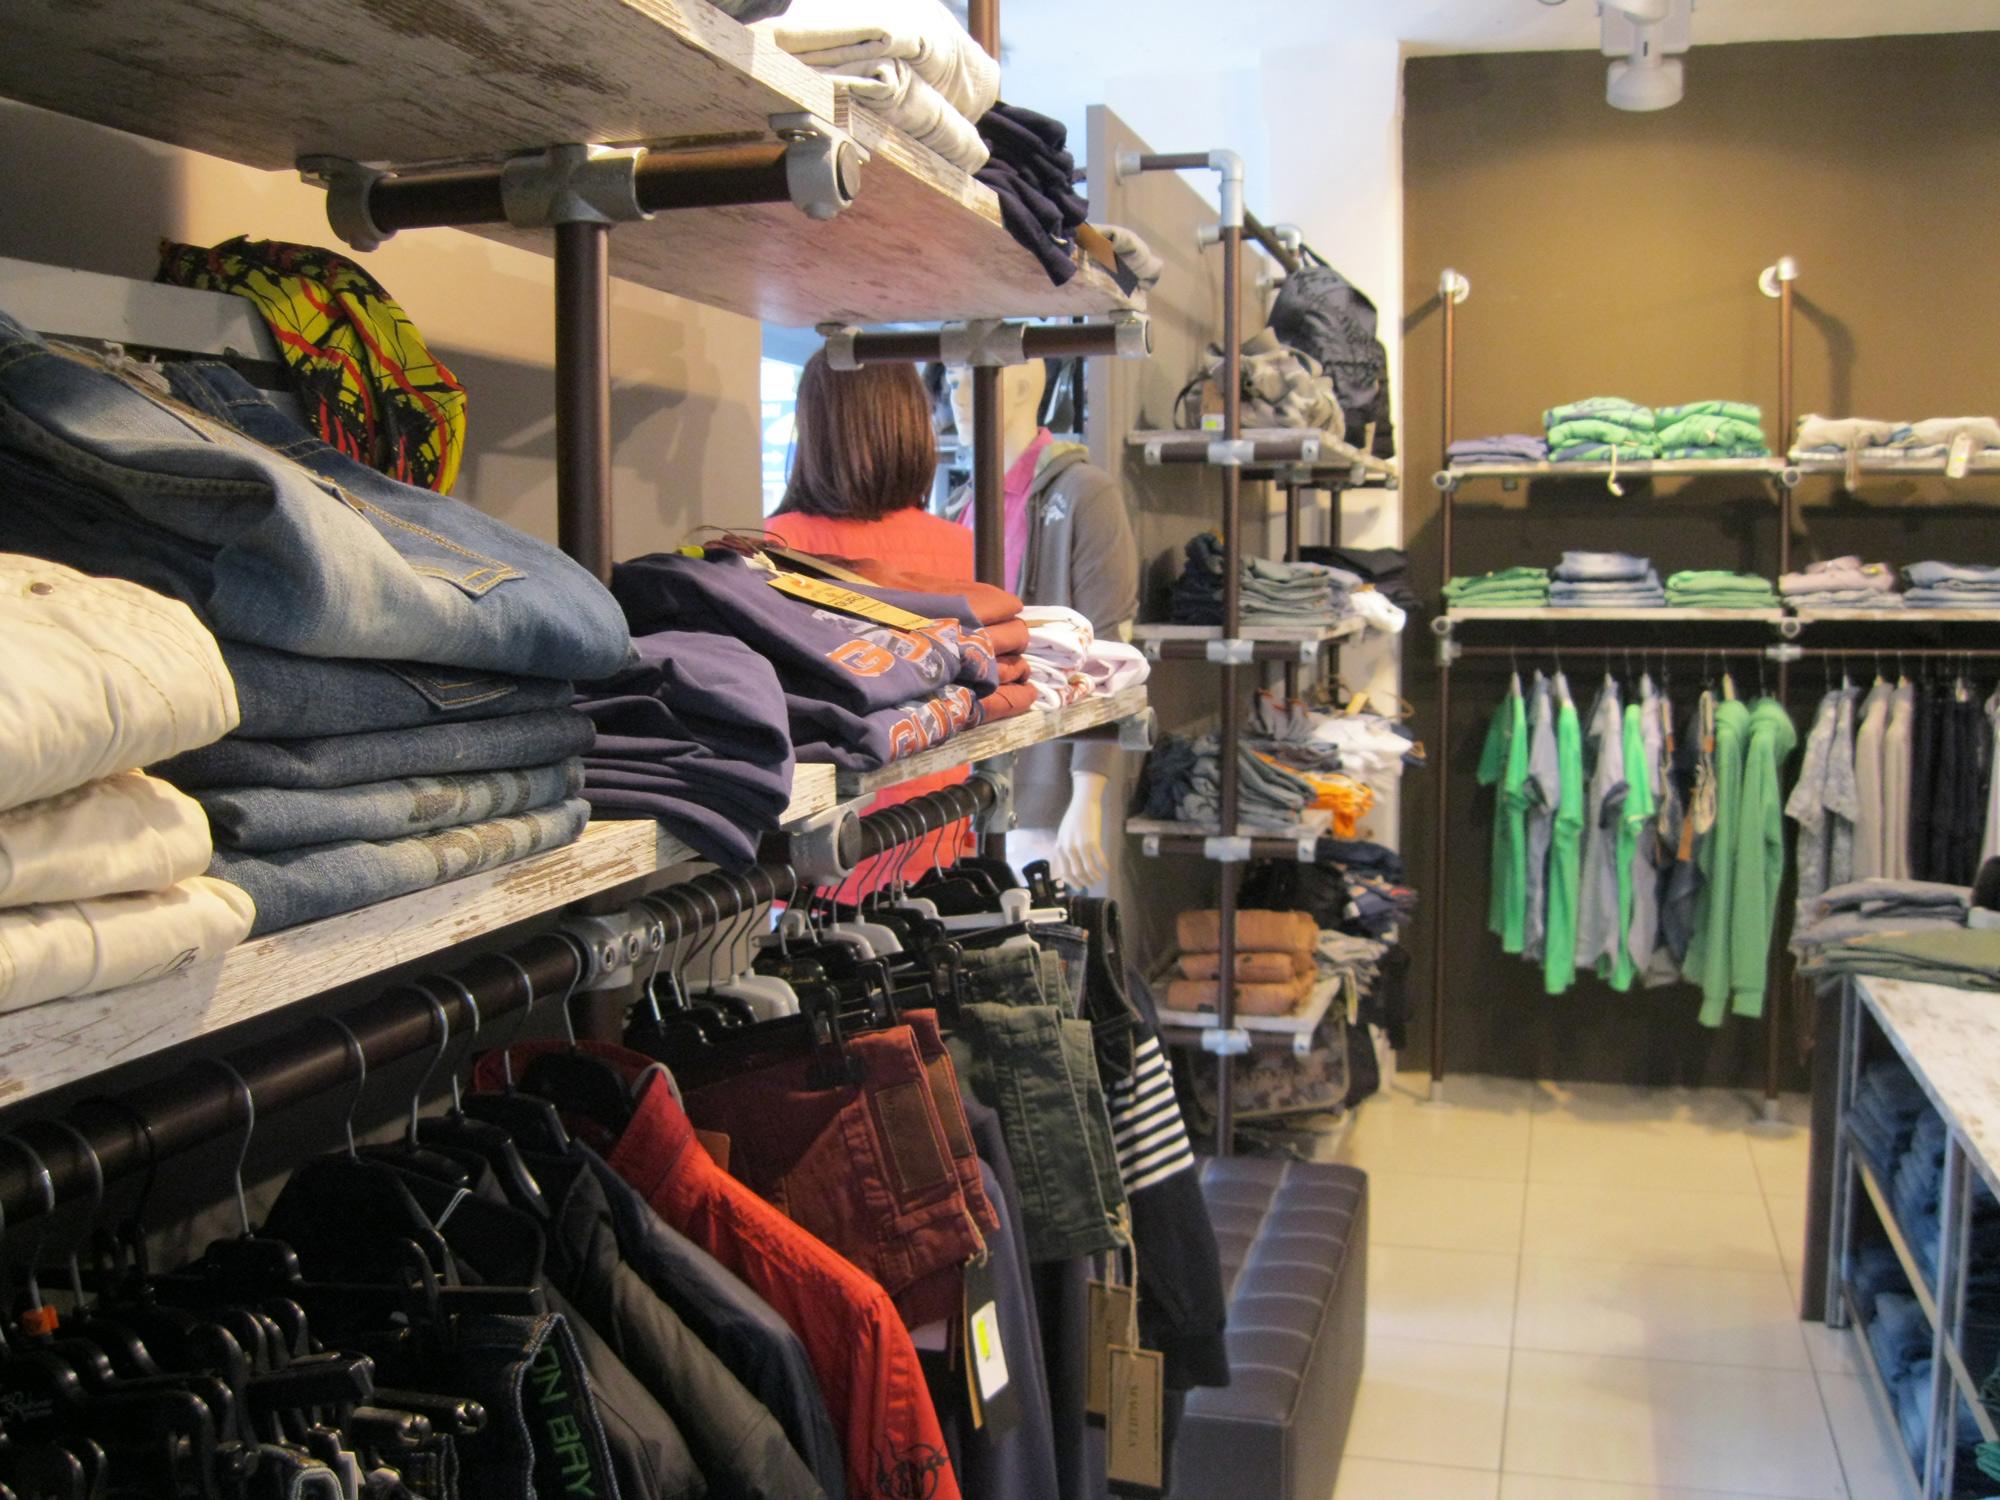 Arredamento per negozi di abbigliamento arredamenti for Arredamento per negozi abbigliamento